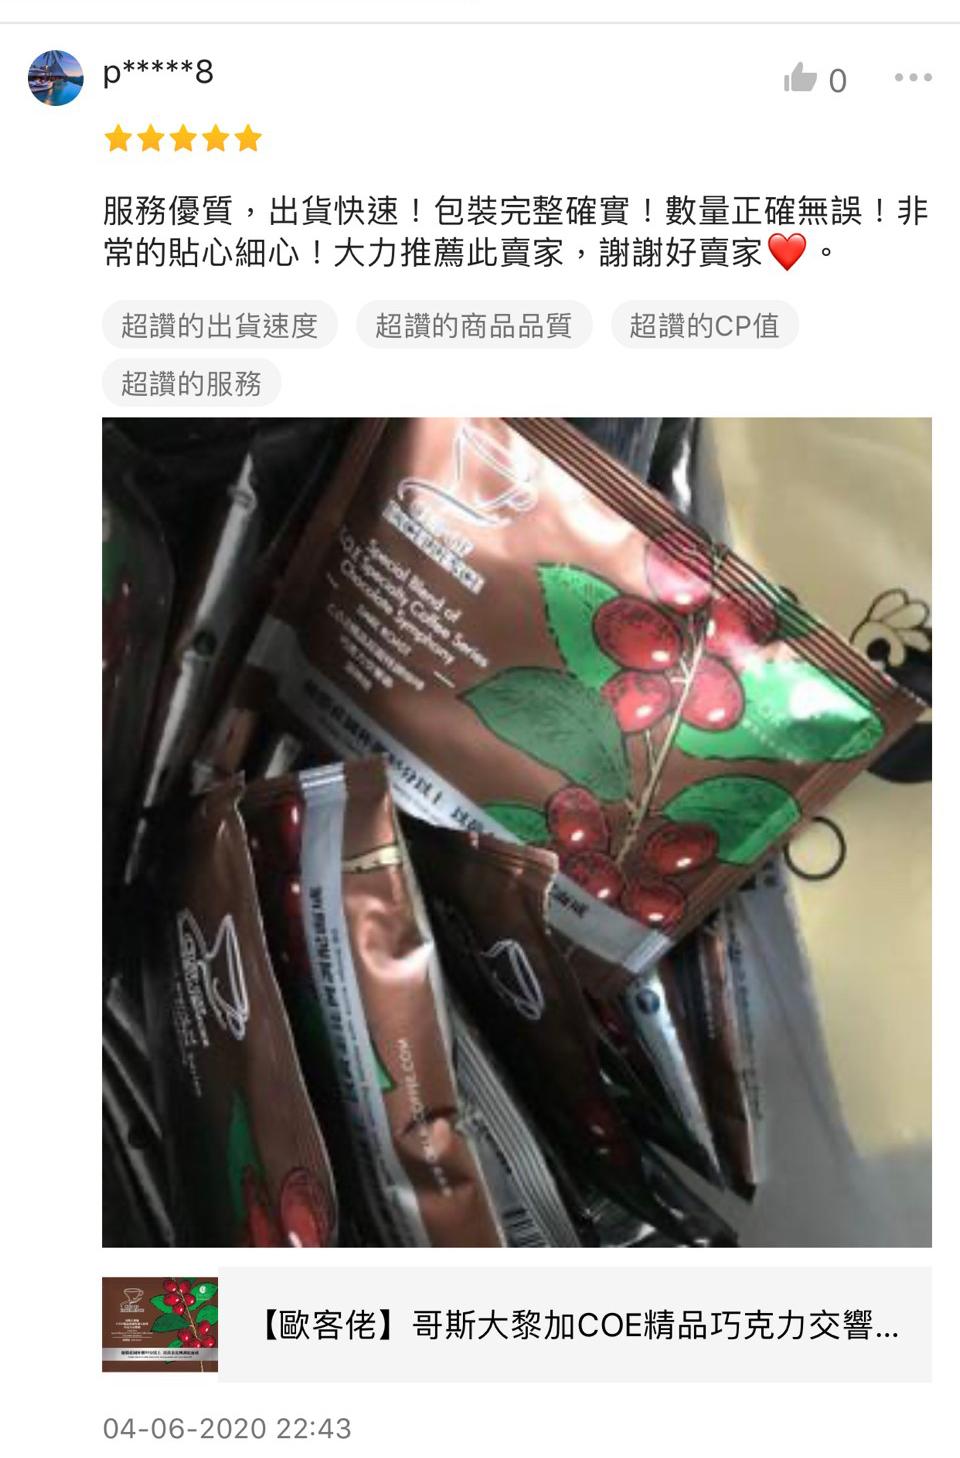 【歐客佬】哥斯大黎加COE精品巧克力交響曲 (掛耳包) 深烘焙 (商品貨號:43010134) 咖啡 OKLAO 服務優質,出貨快速!包裝完整確實!數量正確無誤!非常的貼心細心!大力推薦此賣家,謝謝好賣家❤️。